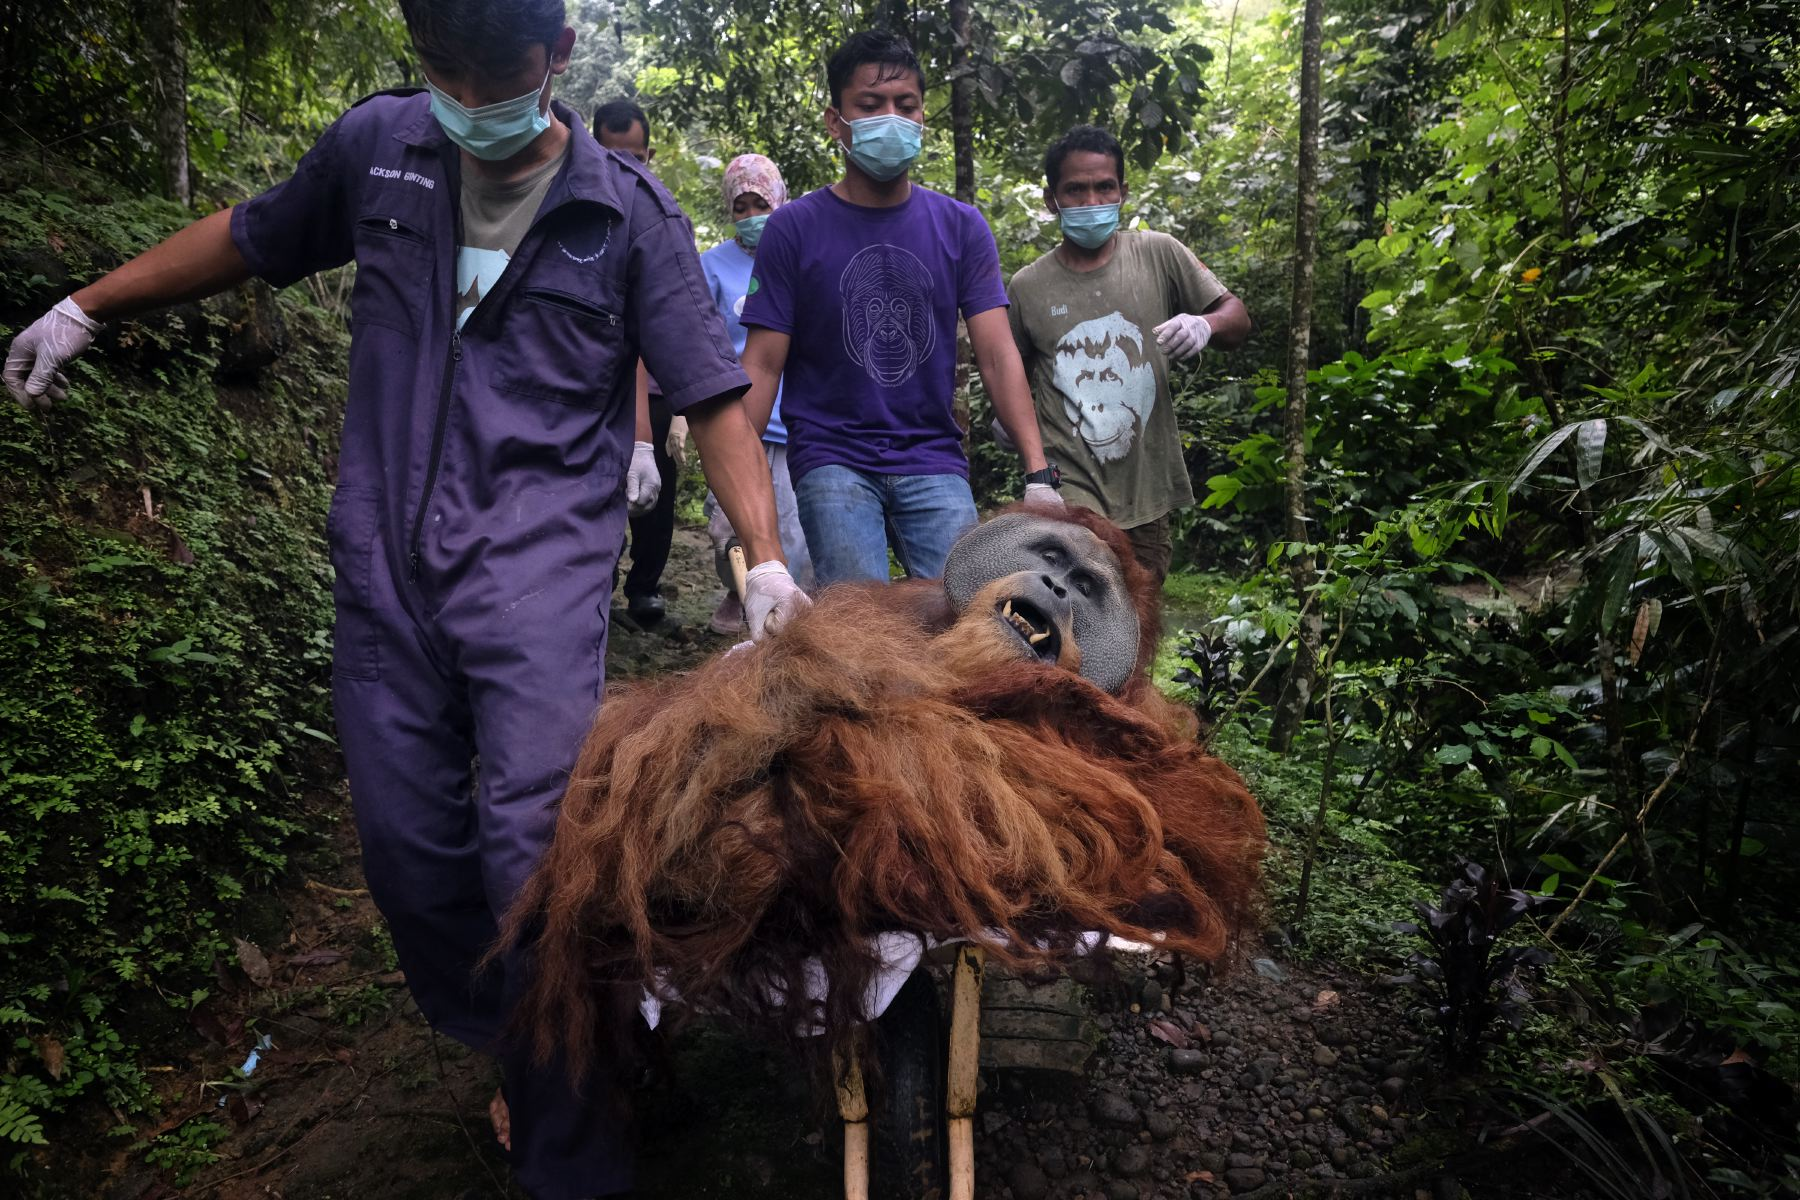 Alain_Schroeder_Saving_Orangutans_04.JPG